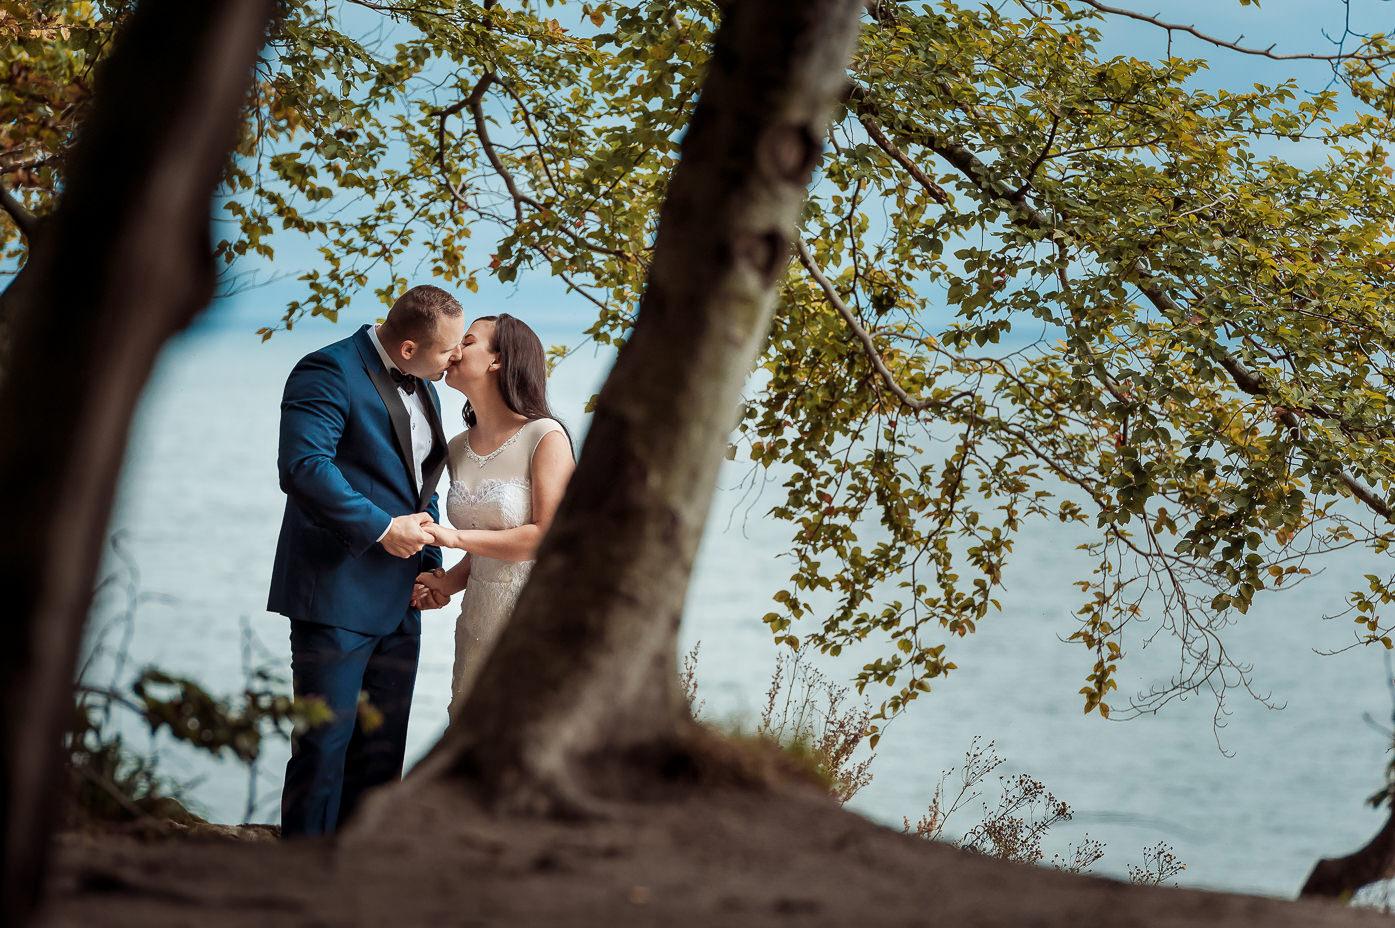 sesja ślubna nad morzem fotograf-weselny-Pruszcz-Gdański-fotografia-ślubna-Pruszcz-Gdański-sesja-ślubna-Pruszcz-Gdański